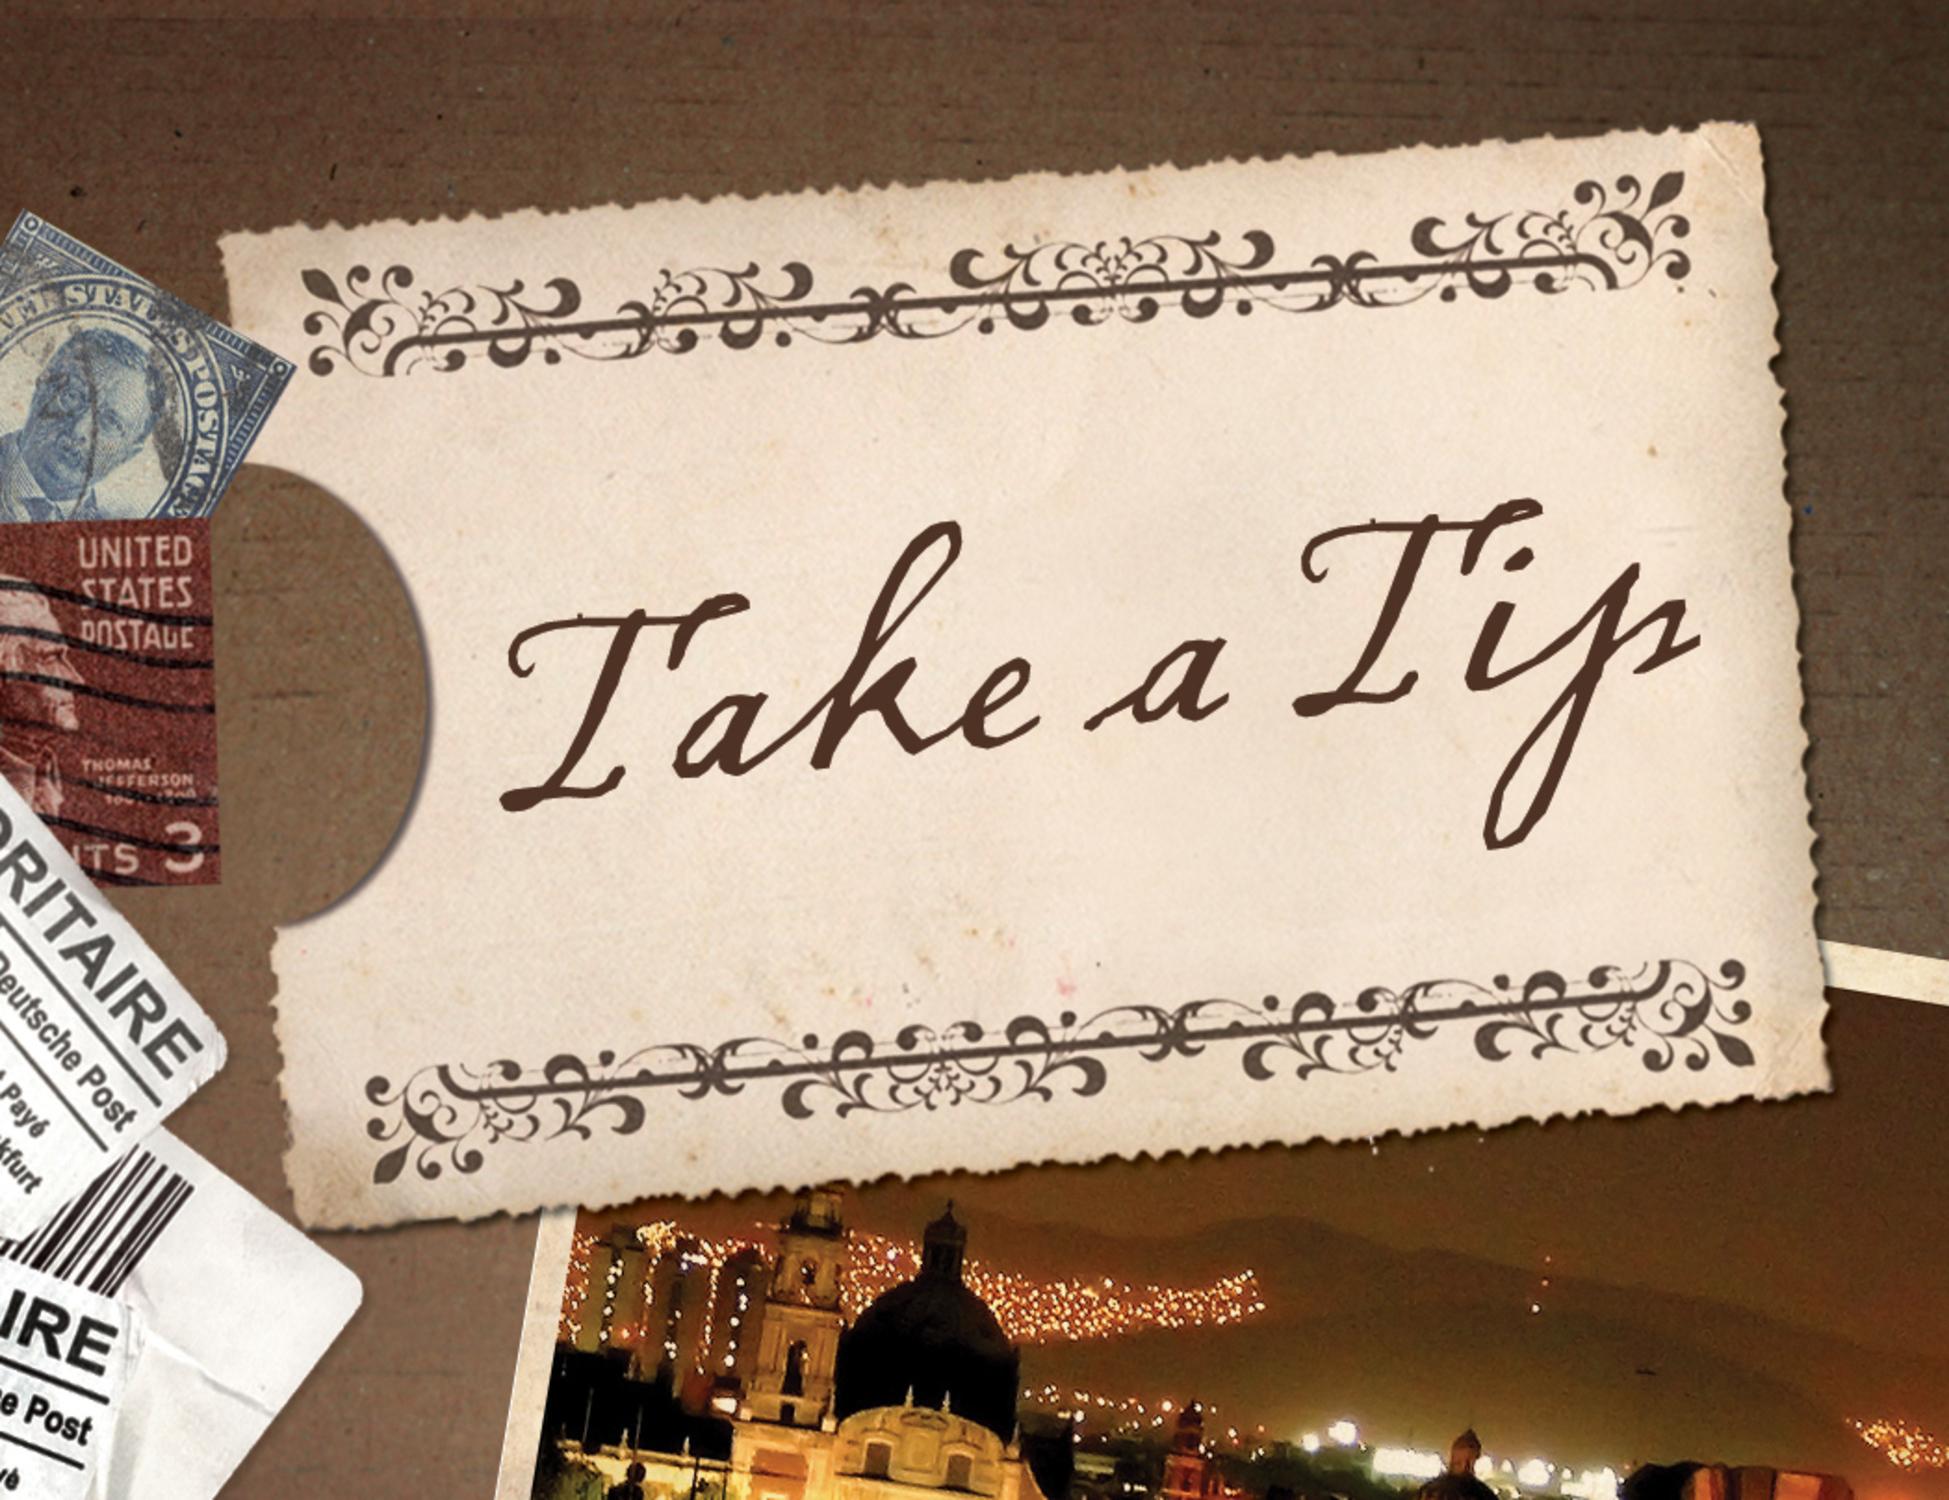 Take a Tip